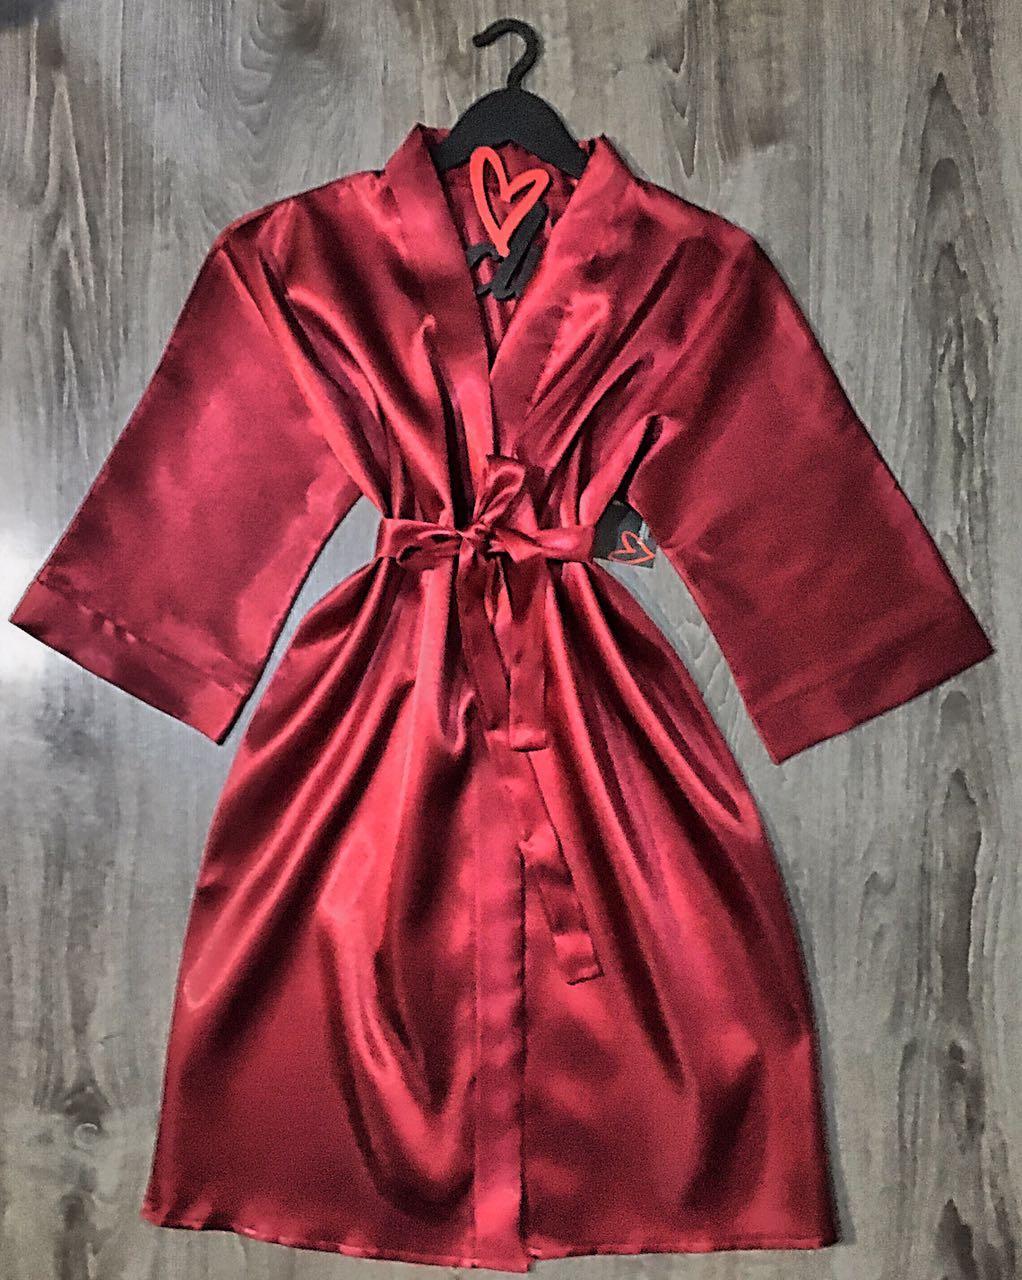 Атласный халат для дома и отдыха. Женская одежда